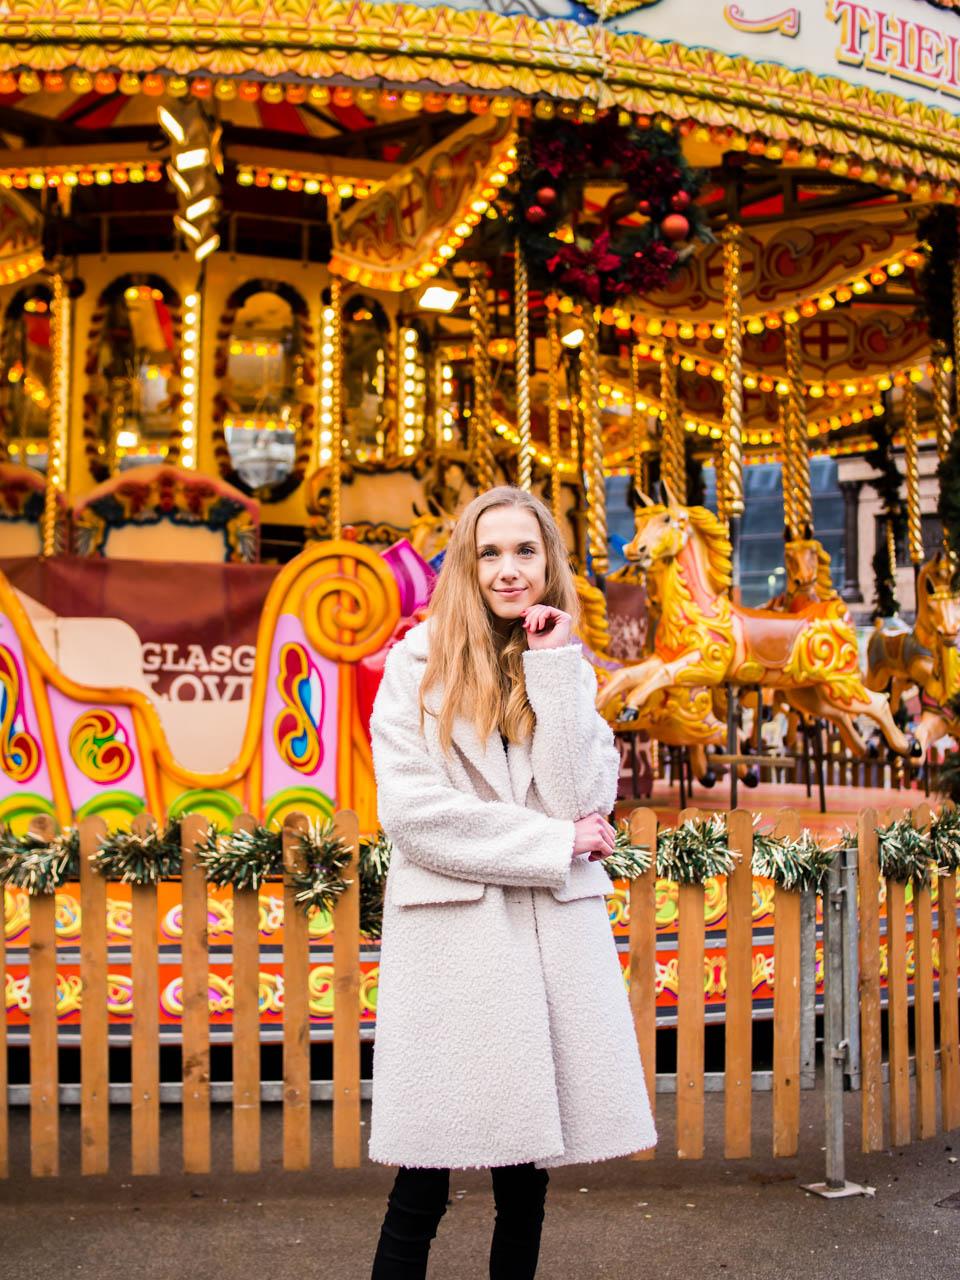 Winter outfit and Christmas marker carousel - Talviasu ja joulumarkkinoiden karuselli